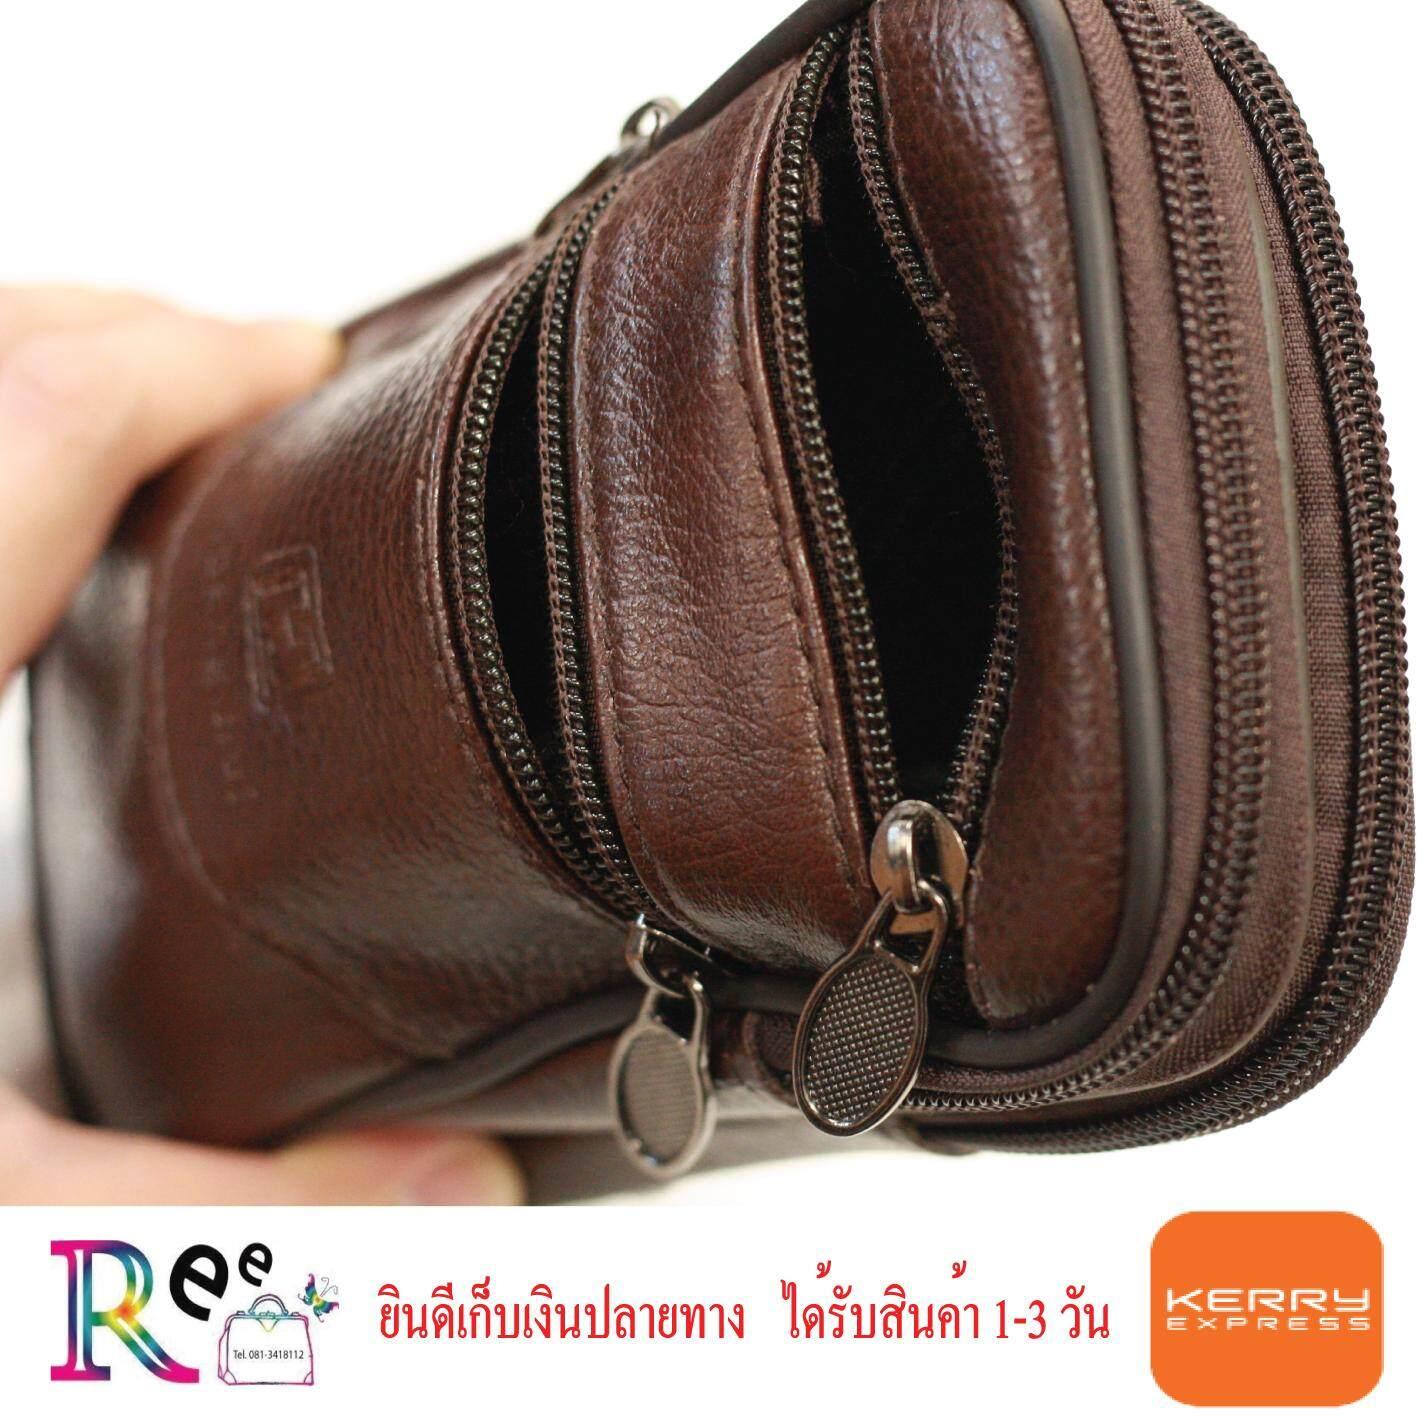 กระเป๋าหนังแท้ใส่มือถือ ร้อยใส่กับเข็มขัด 4 ซิป หนังแบบนิ่ม ใส่โทรศัพท์ได้ ยาว 6-7 นิ้ว รับประกันสินค้า Rreeshop.